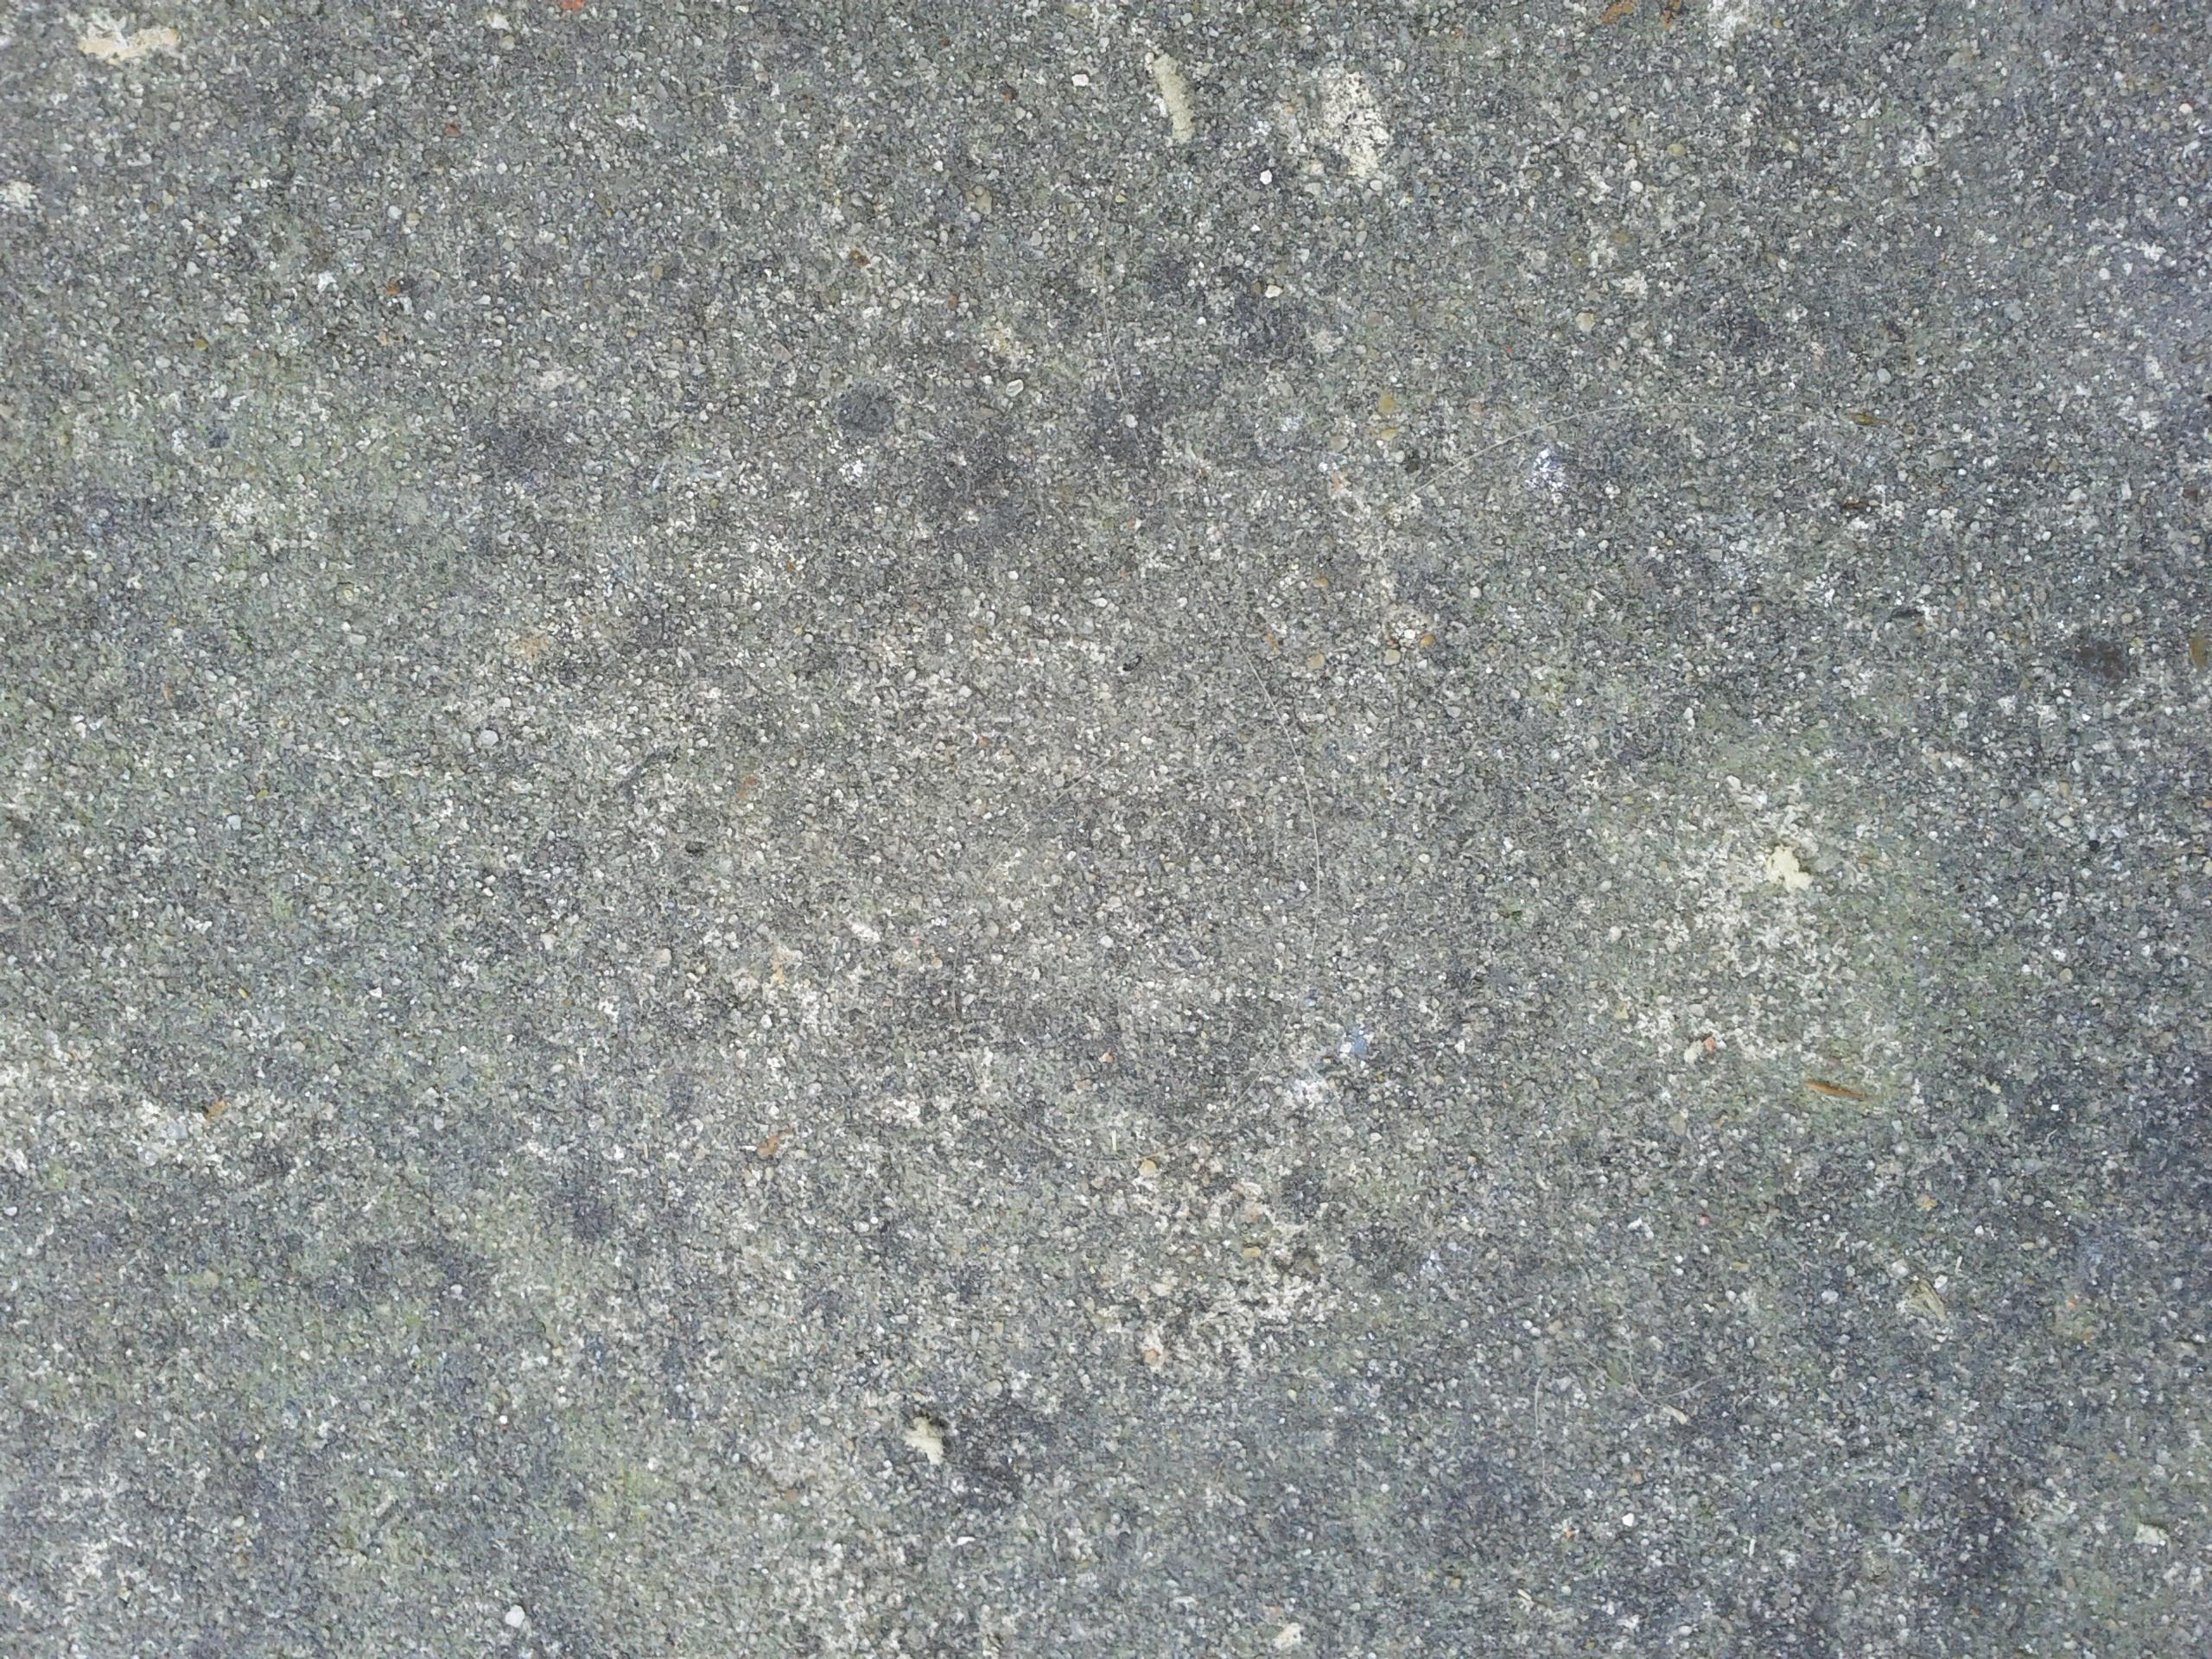 Concrete Texture 06 05